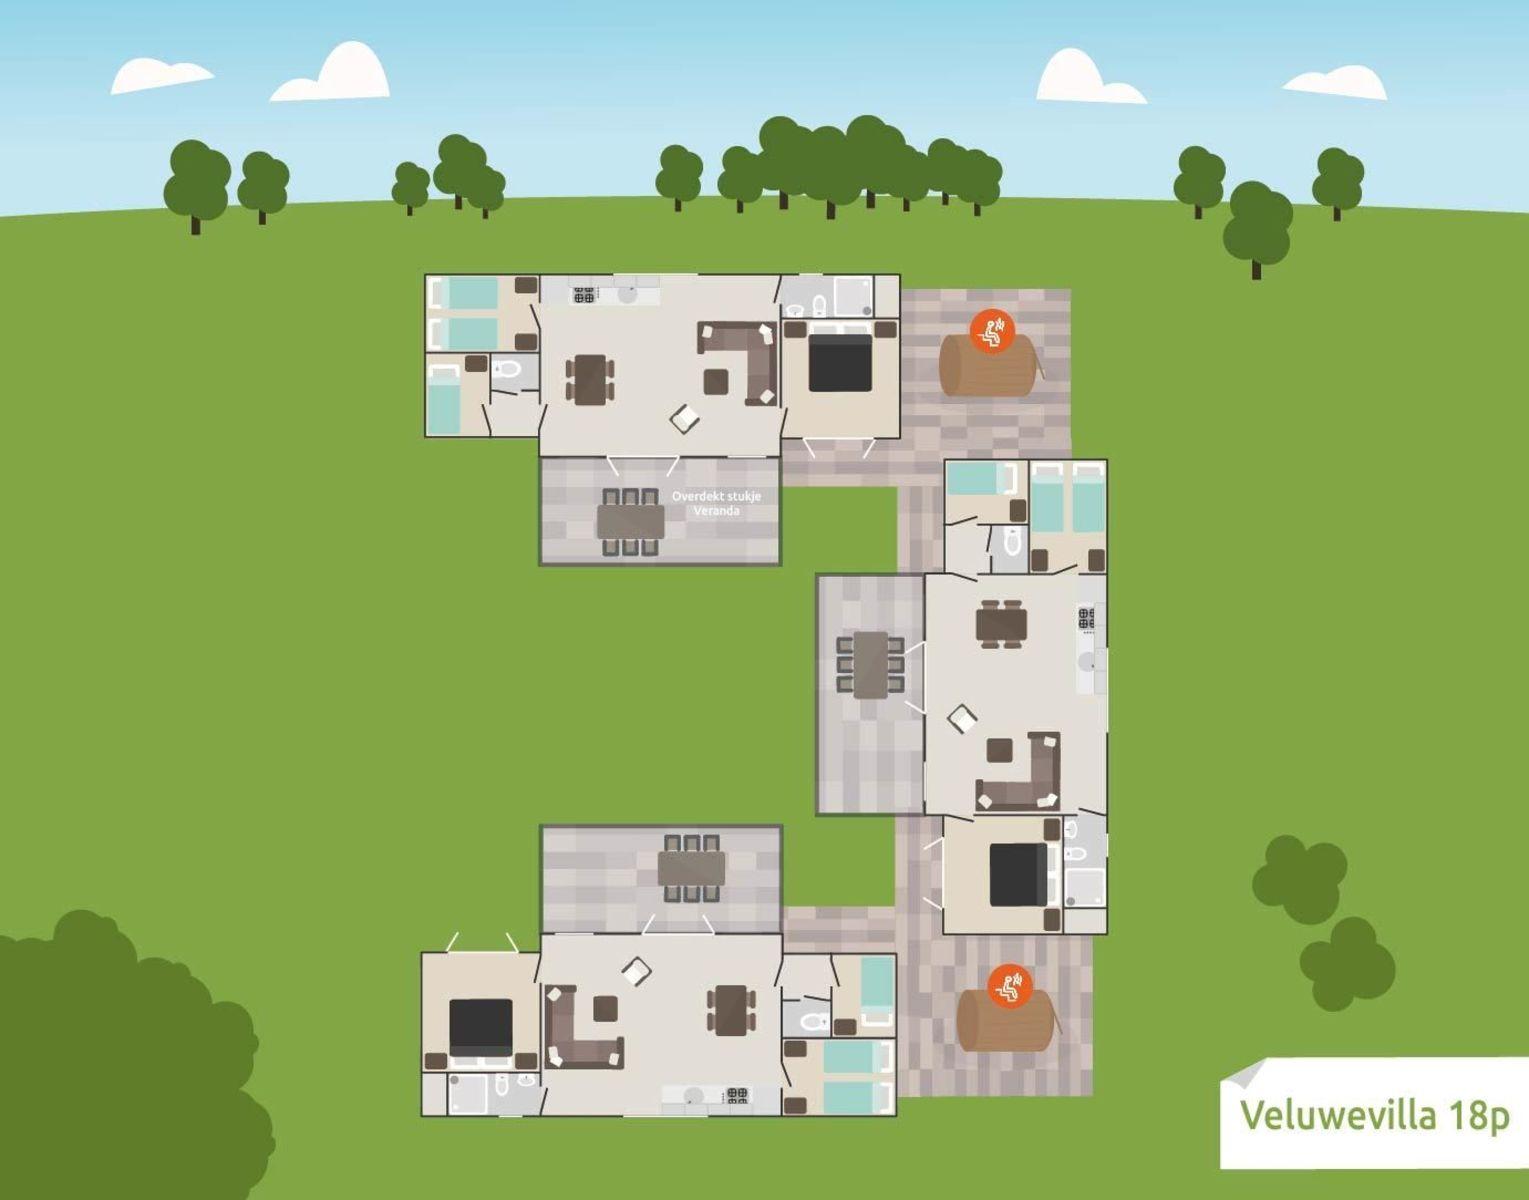 Veluwe-Villenviertel für 18 Personen